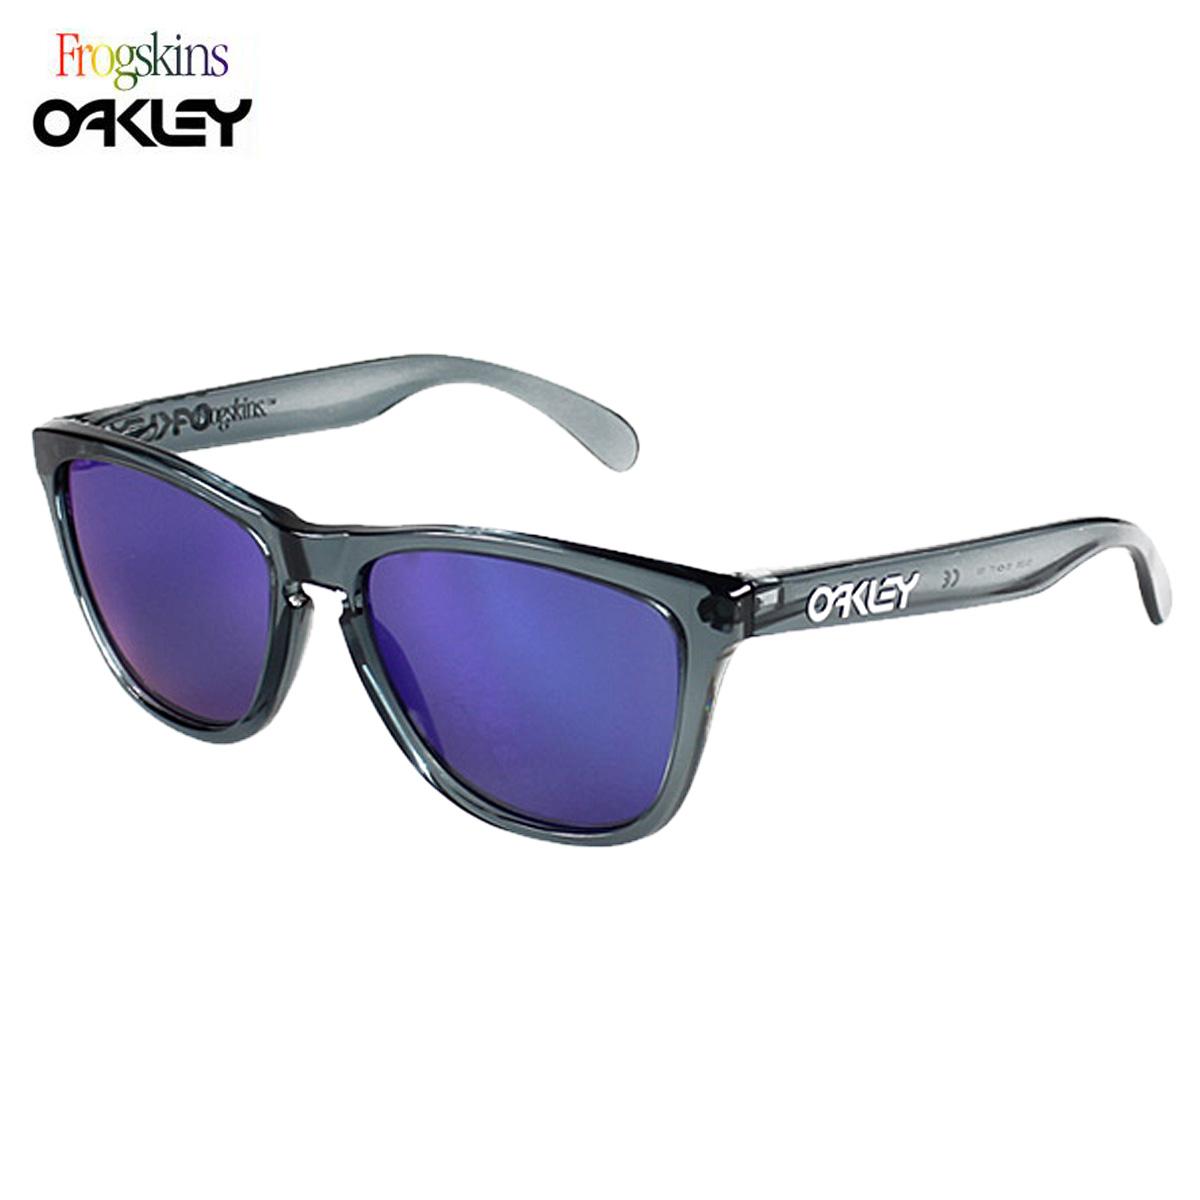 Sugar Online Shop | Rakuten Global Market: Oakley Oakley Sunglasses 03-289  men's women's